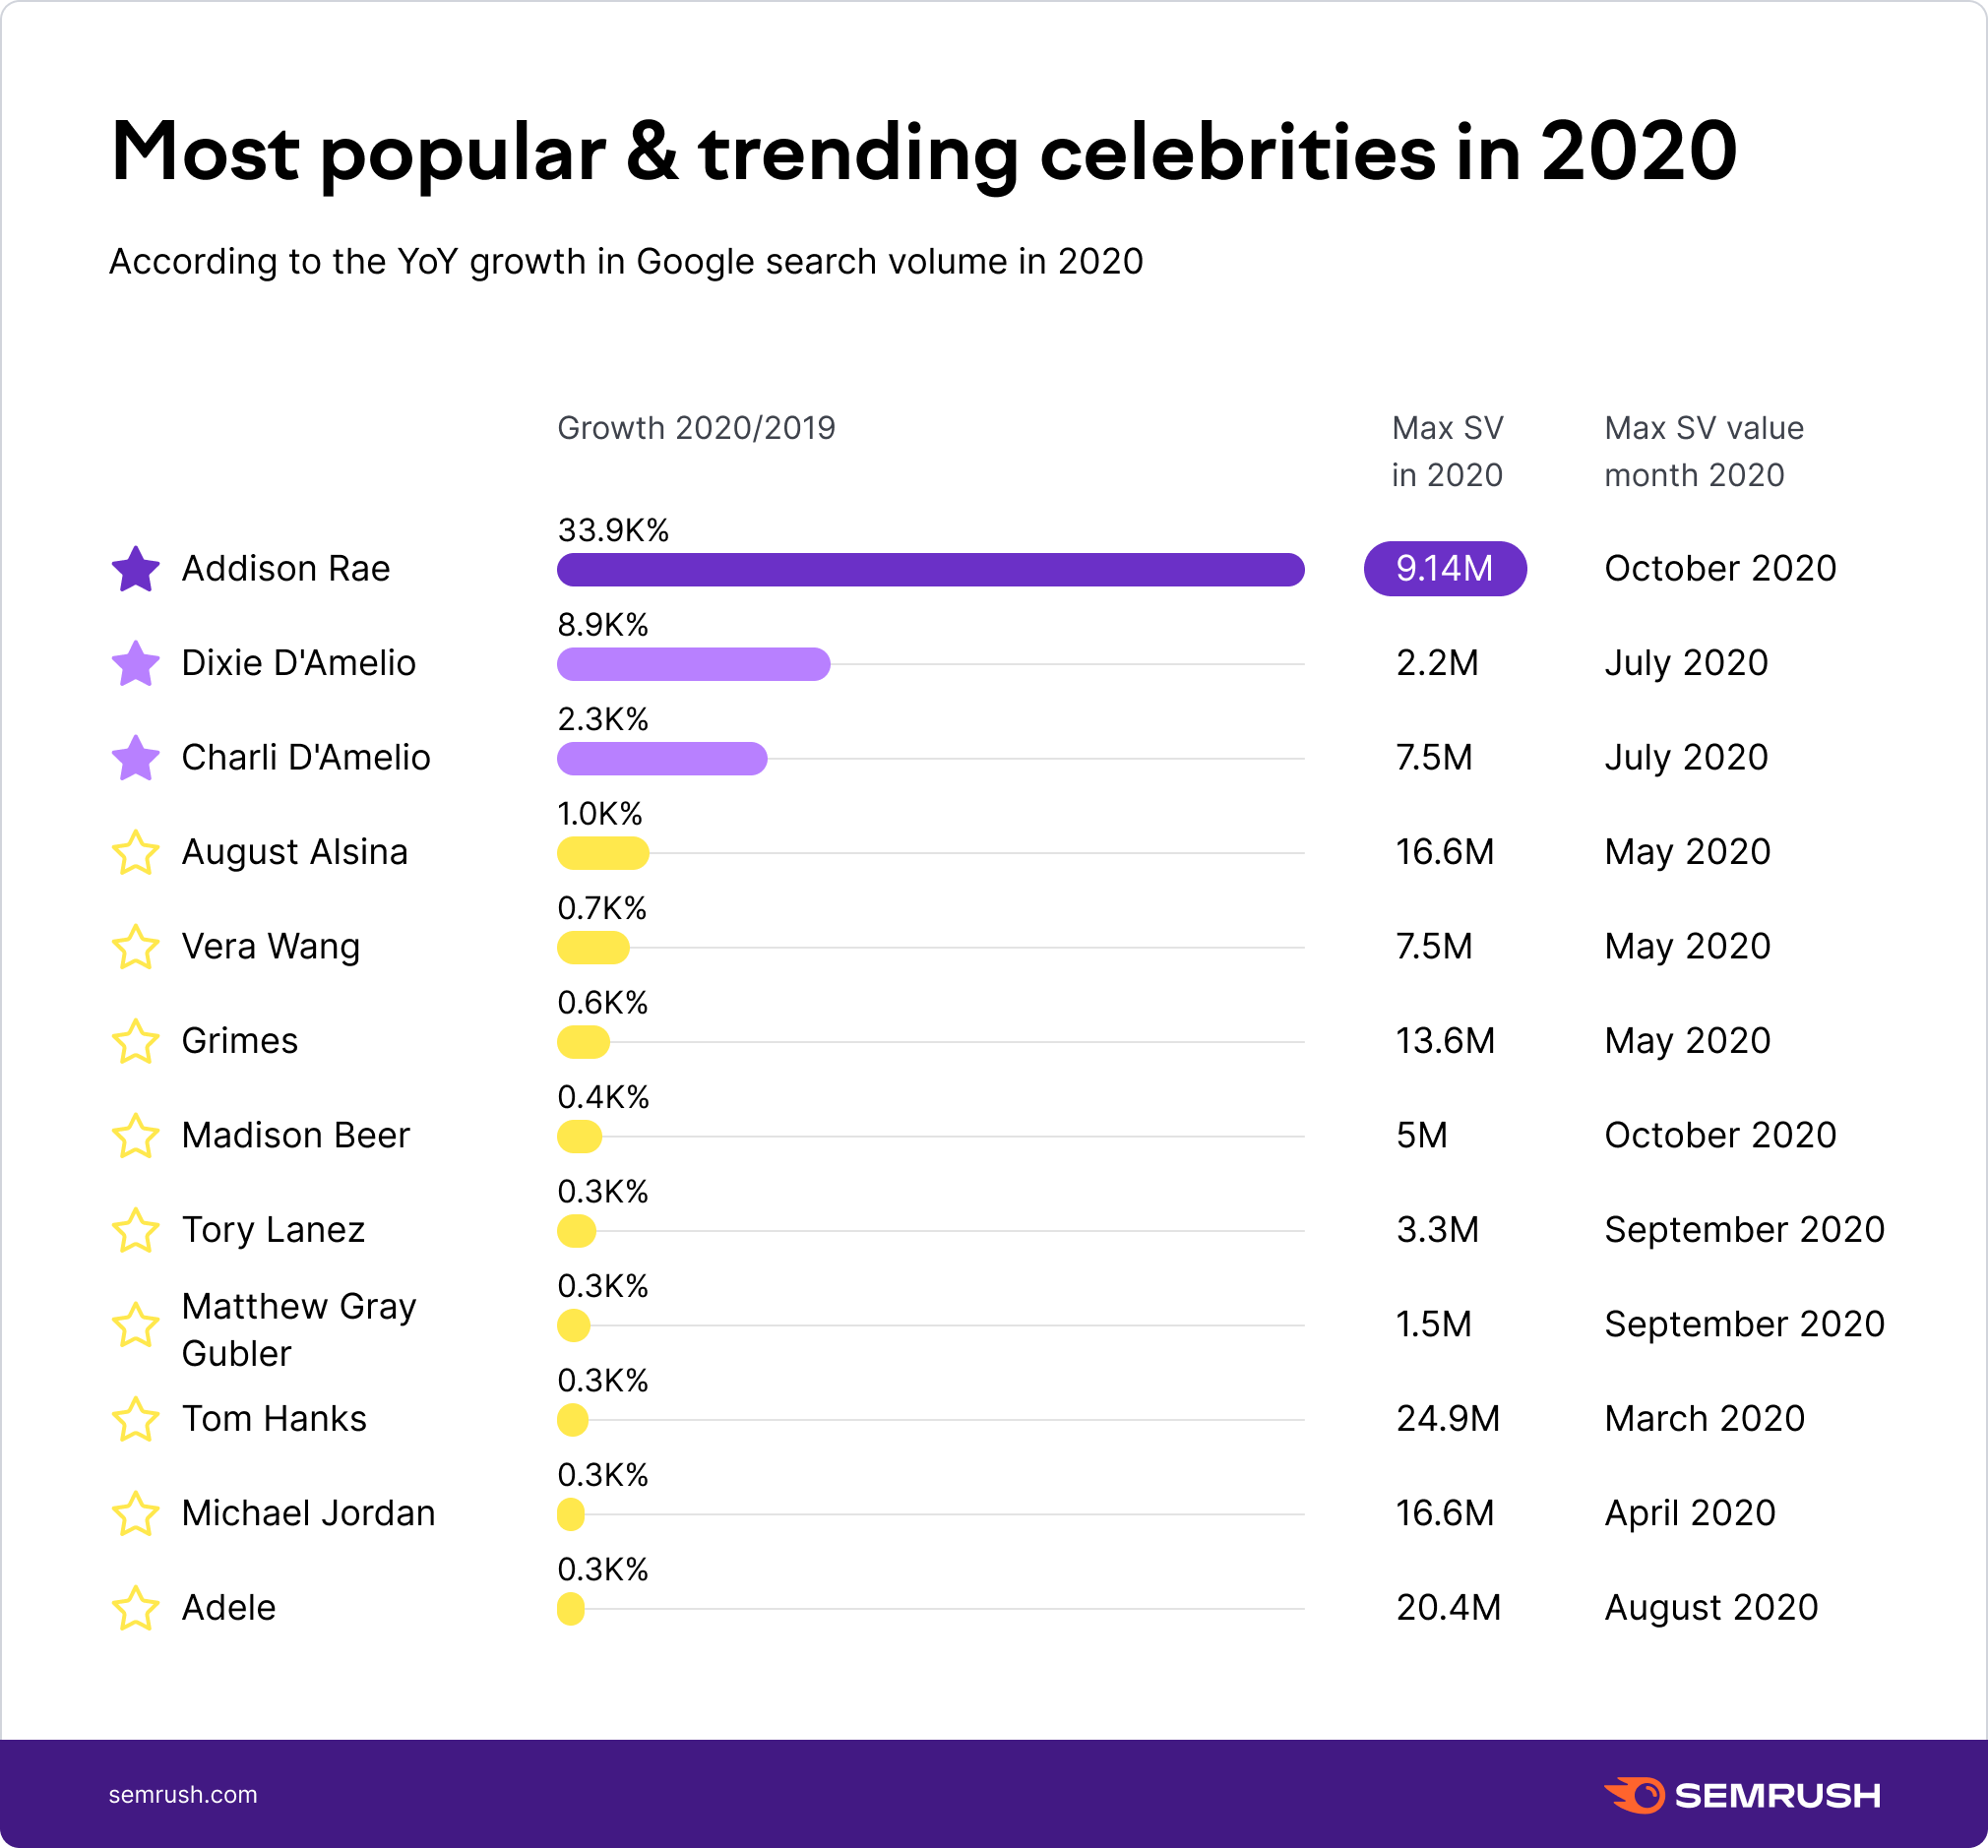 Most popular / trending celebrities in 2020